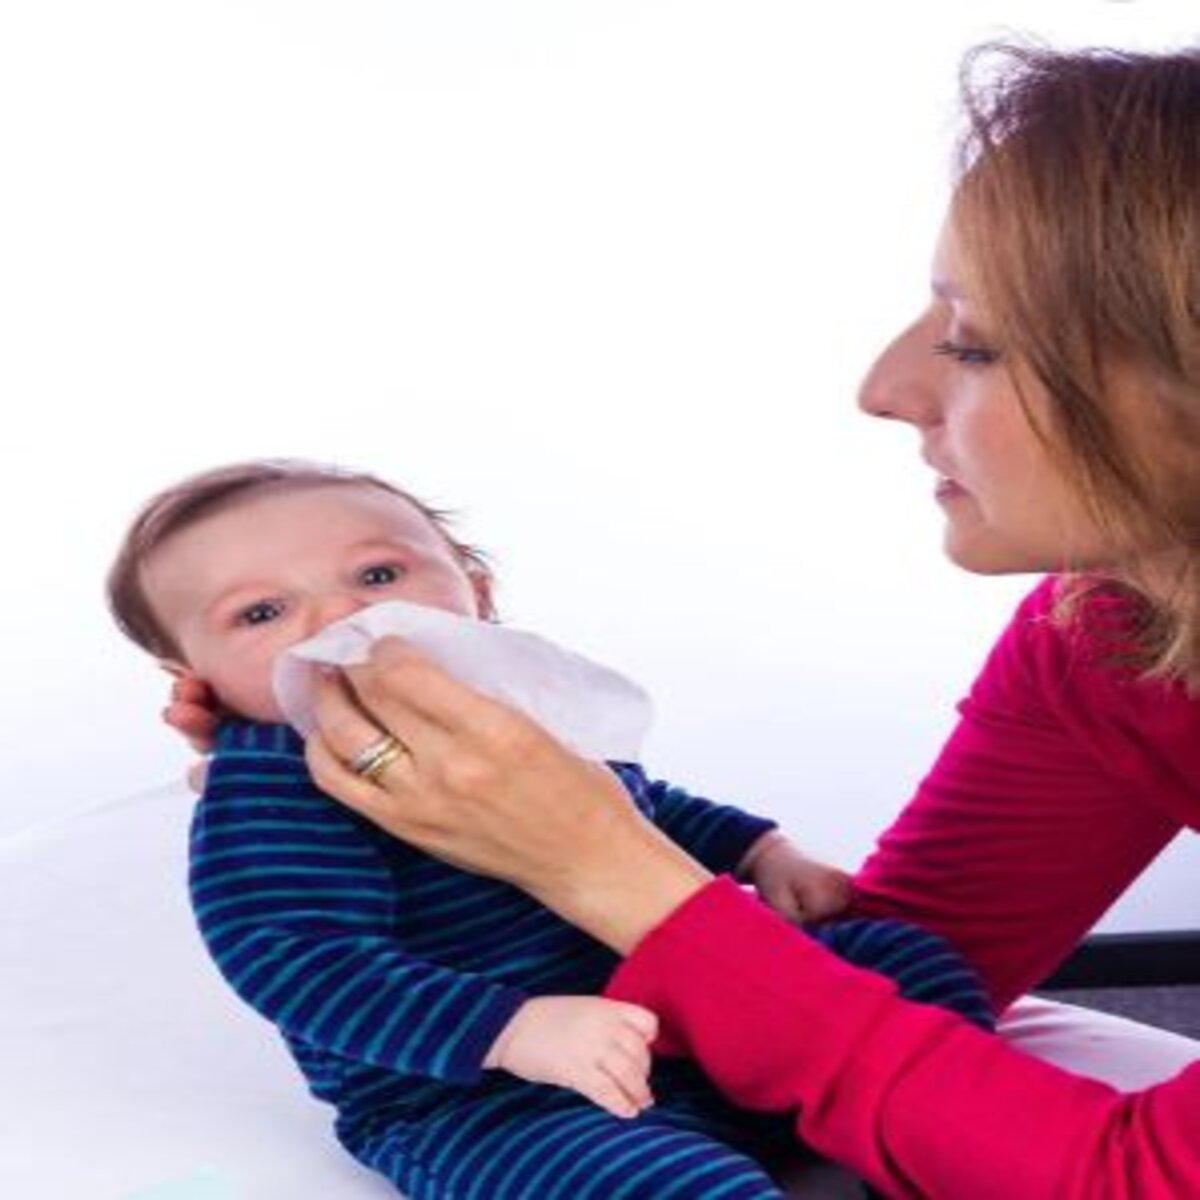 Assoar Baby Lenços Umedecidos com Solução salina